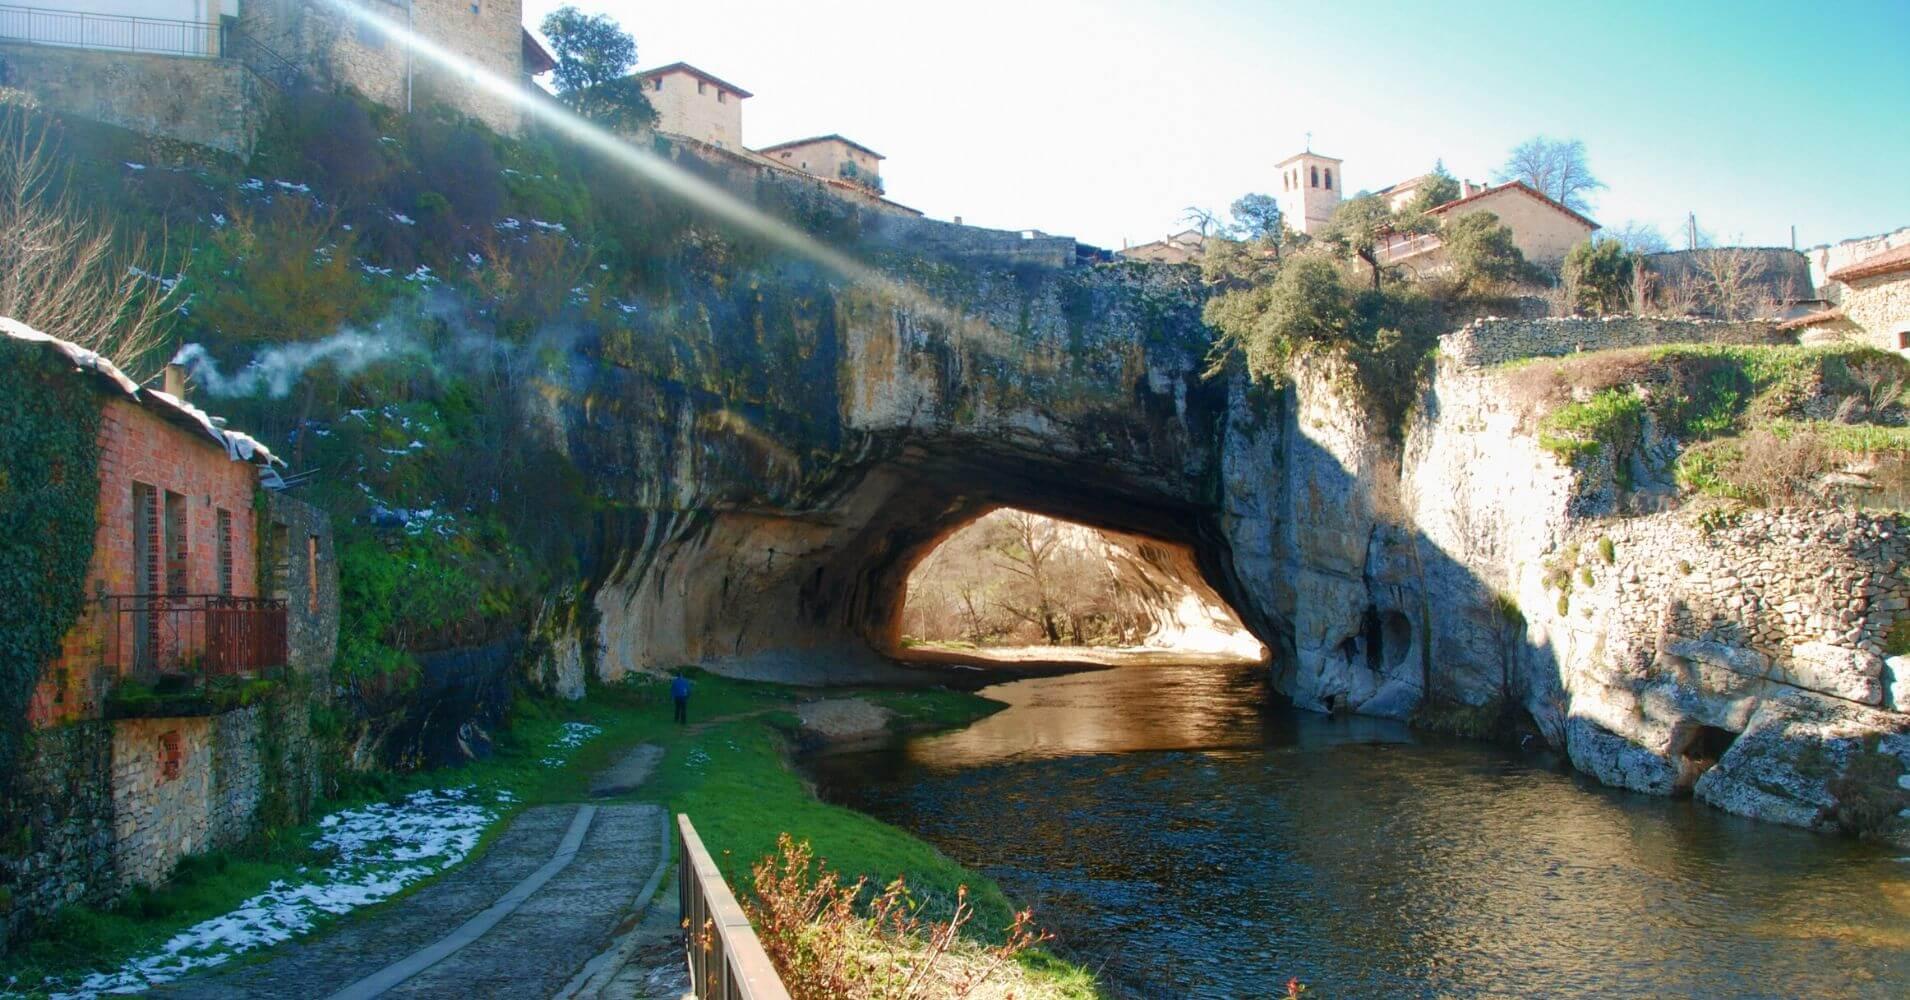 Río Nela. Las merindades, Burgos. Castilla y León.